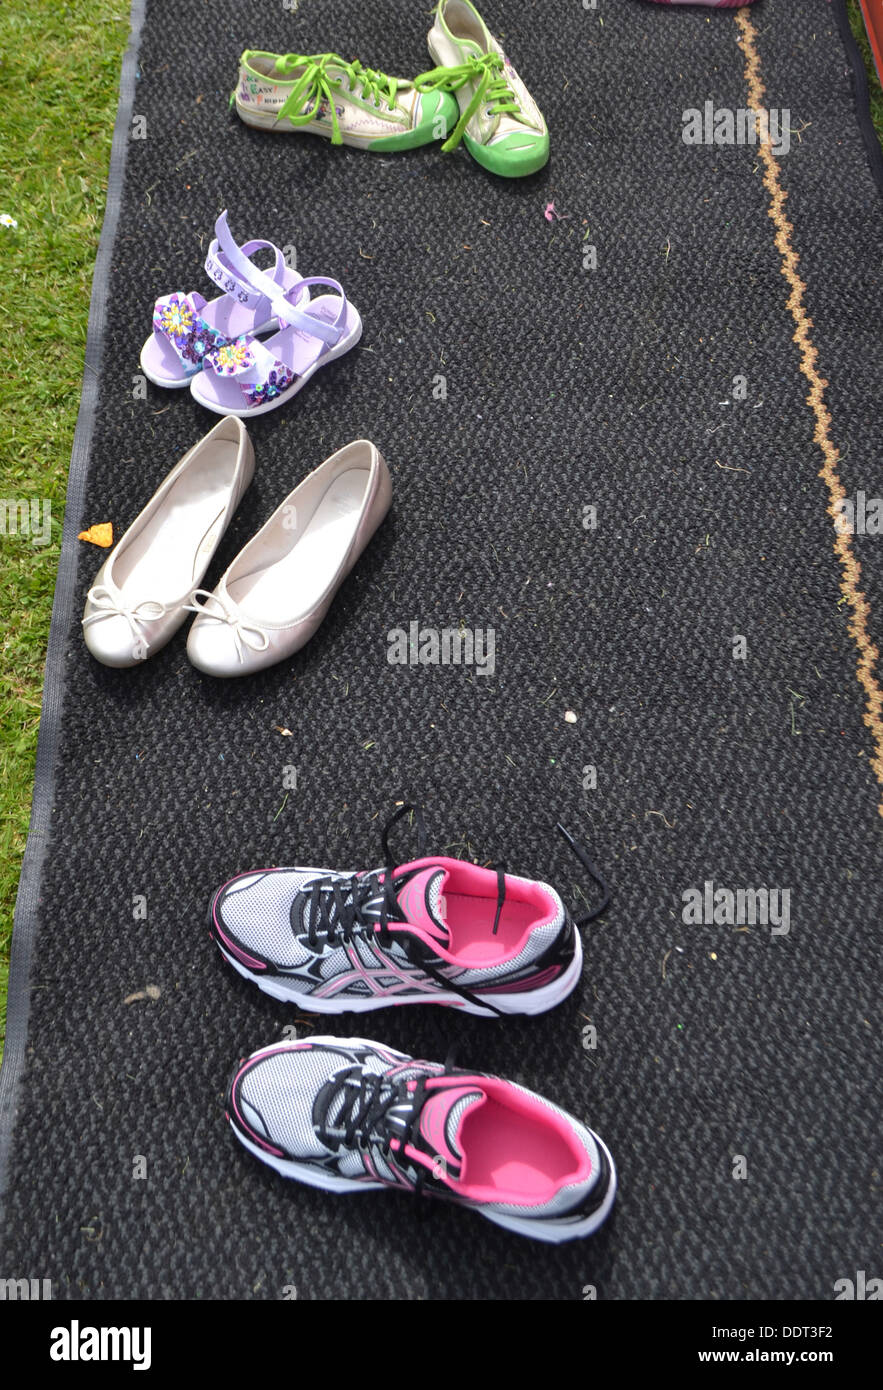 Kinderschuhe auf einer Matte neben einer Hüpfburg Stockbild